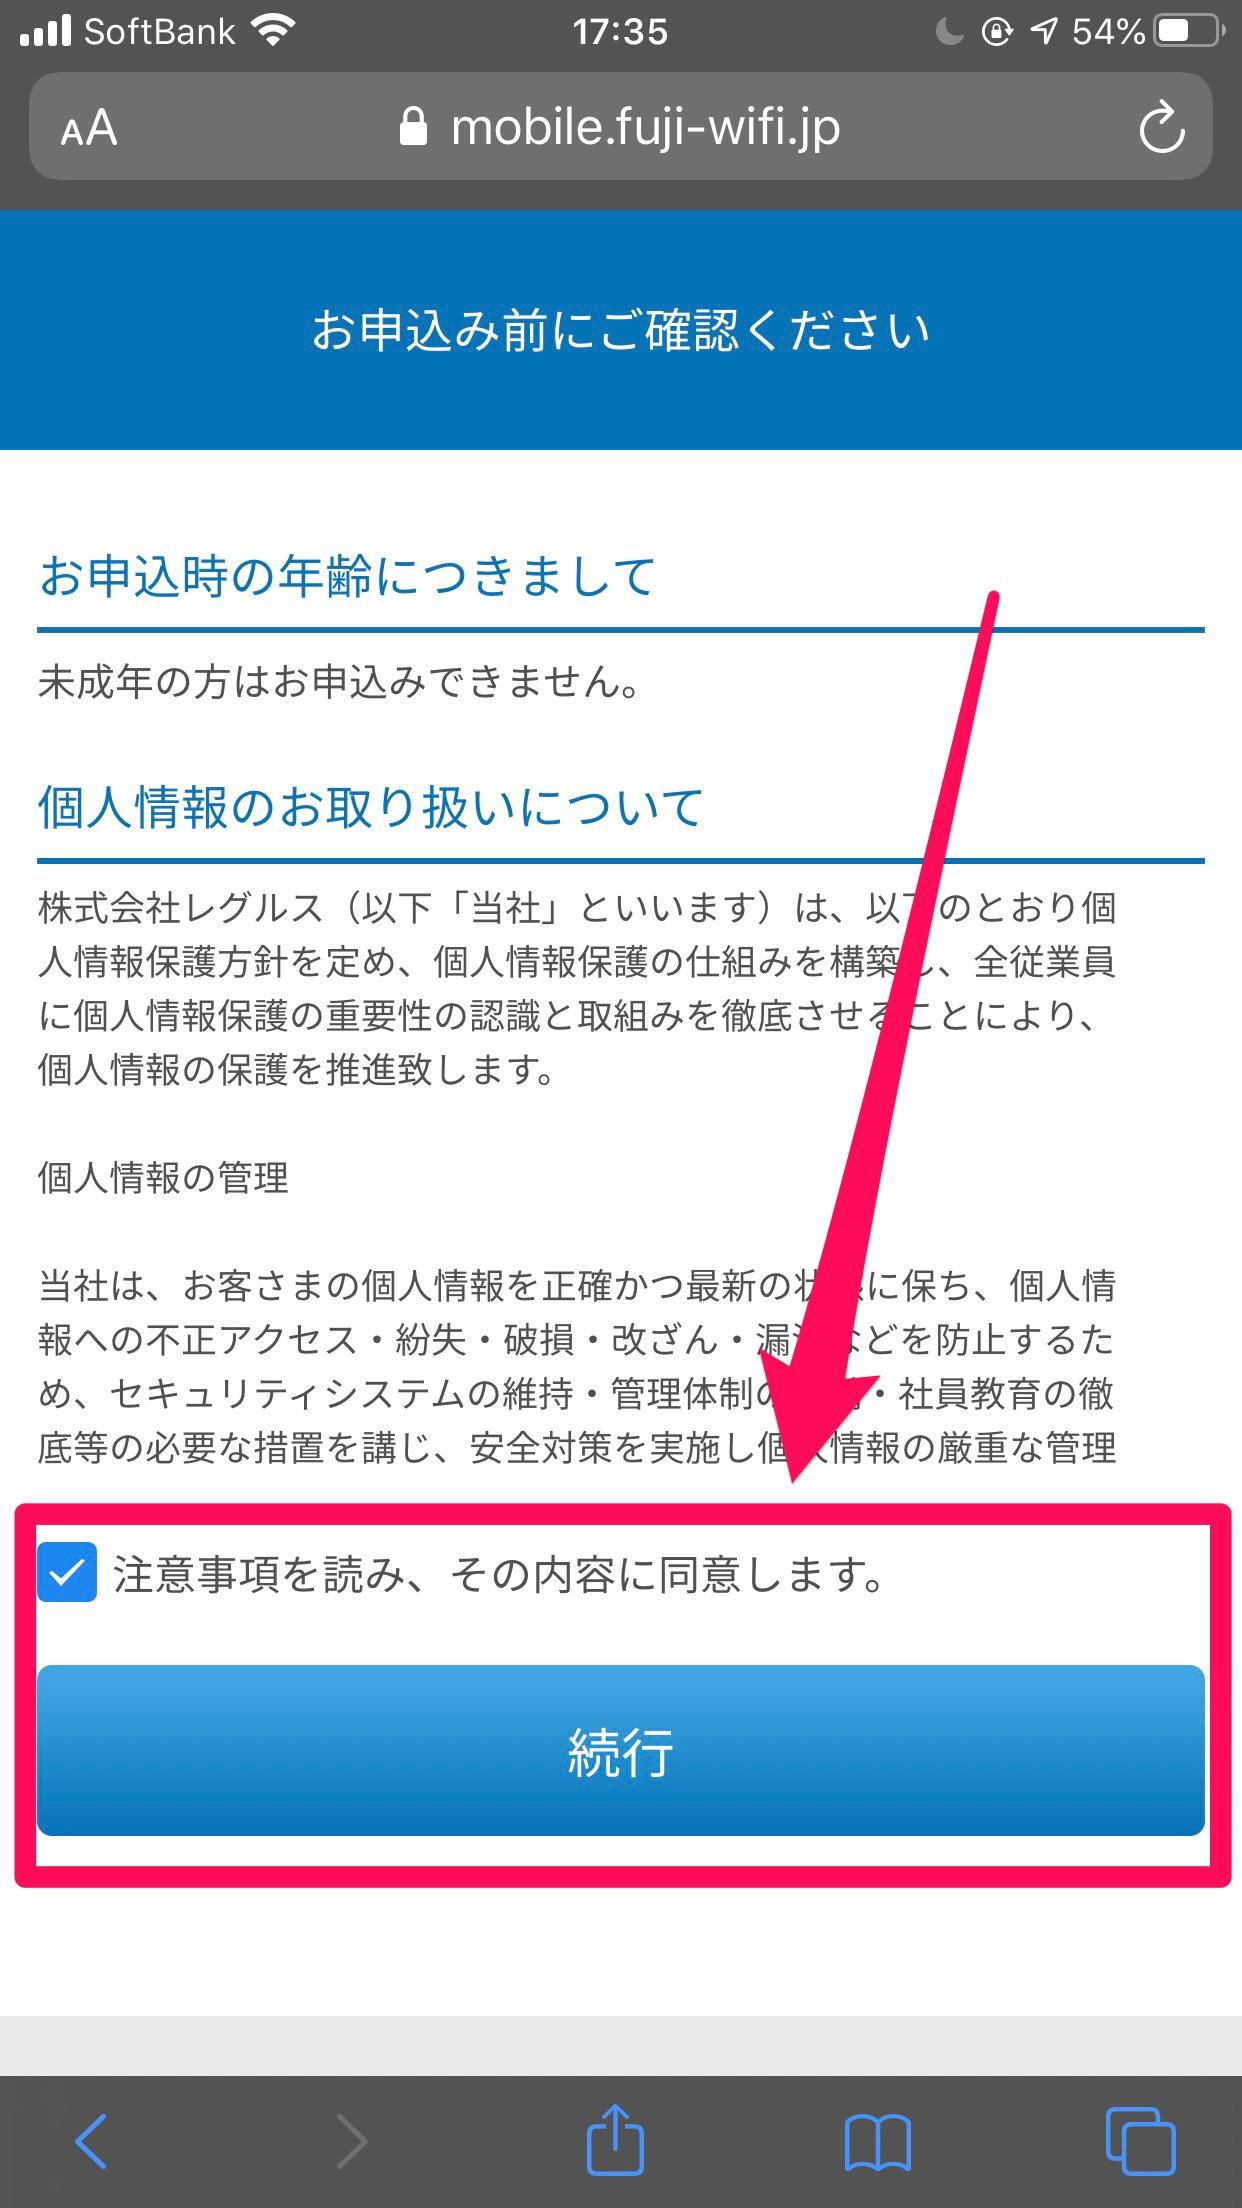 FUJI Wifi申し込み手順3